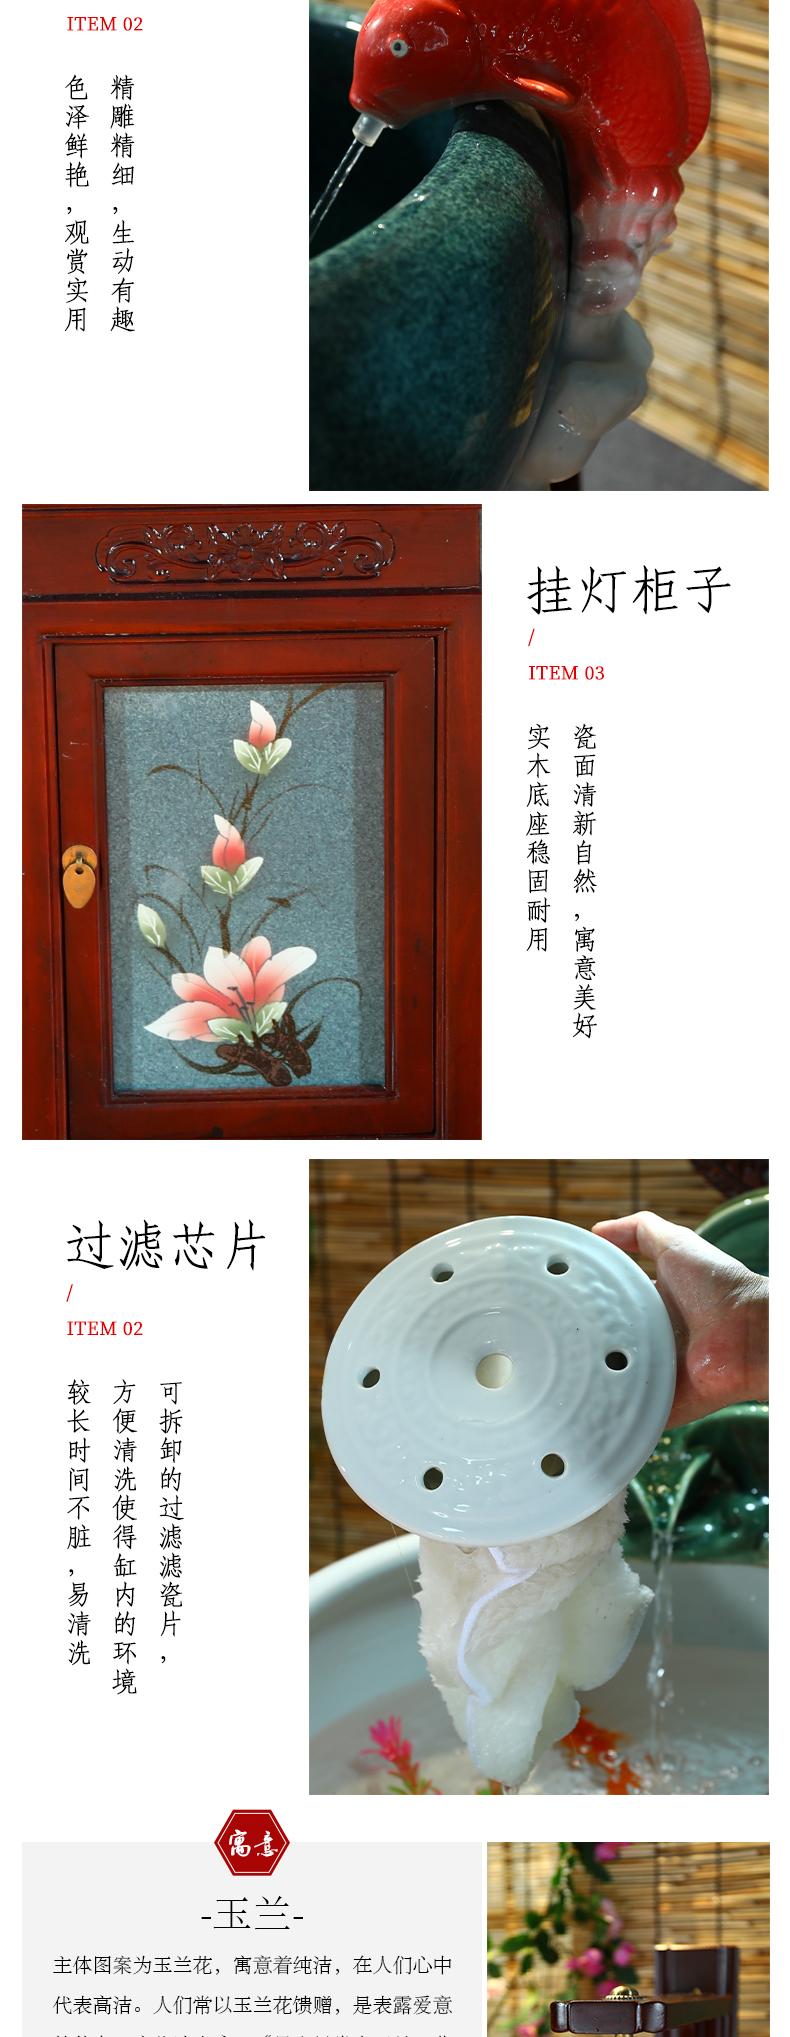 陶瓷柜式玉兰花金鱼鱼缸落地门海缸瓷缸家用玄关客厅景德镇养鱼盆